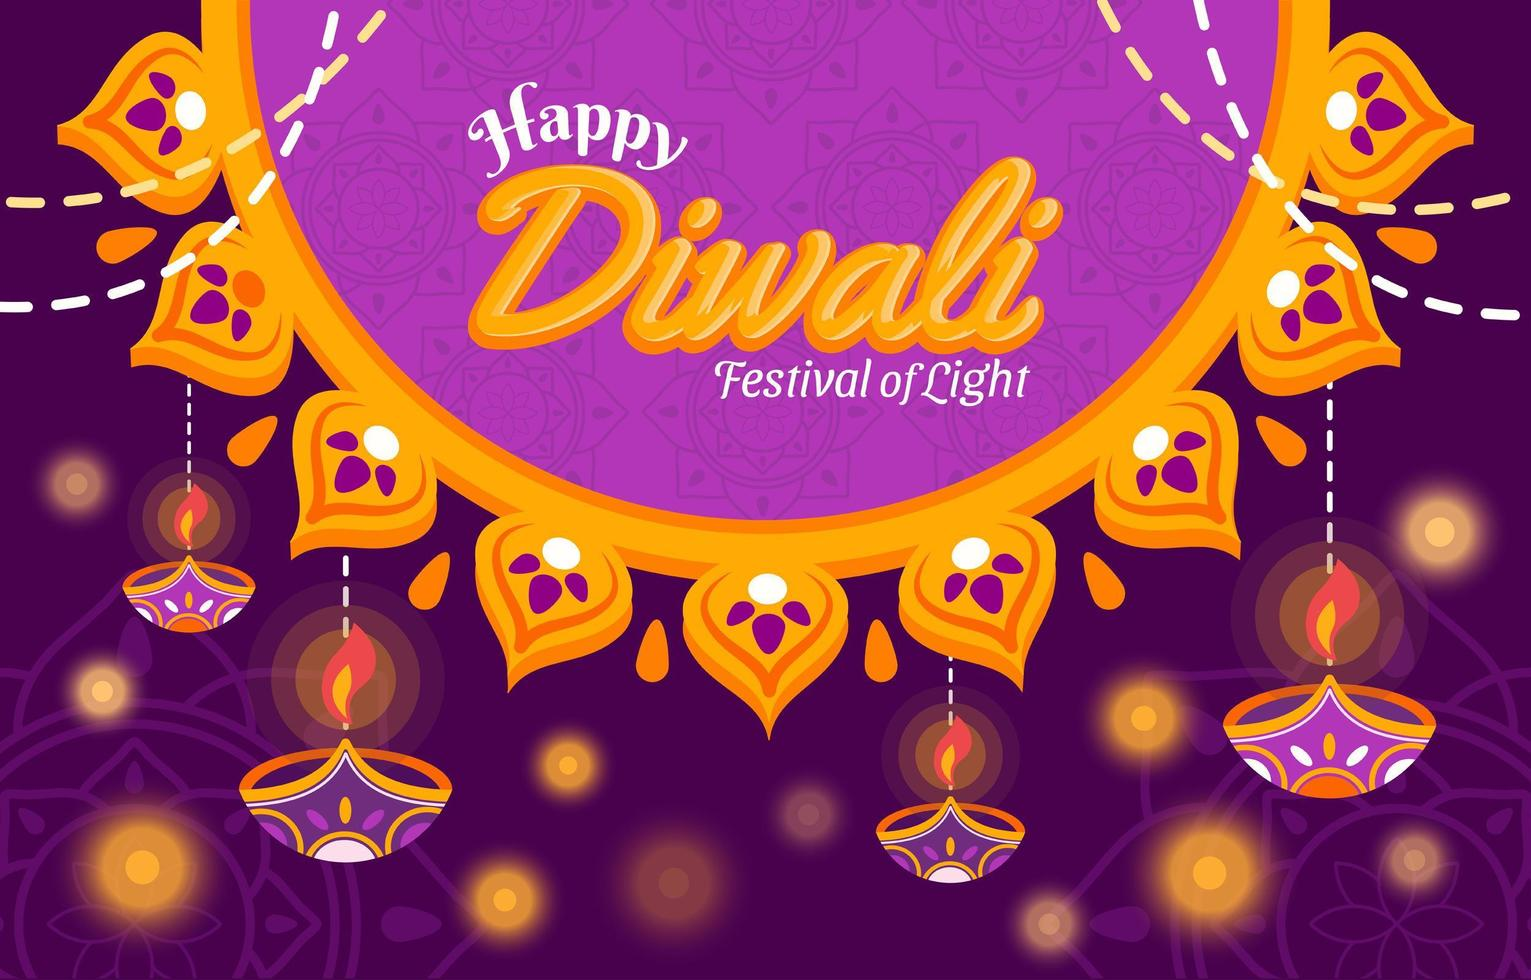 lumière du festival de diwali avec fond violet vecteur